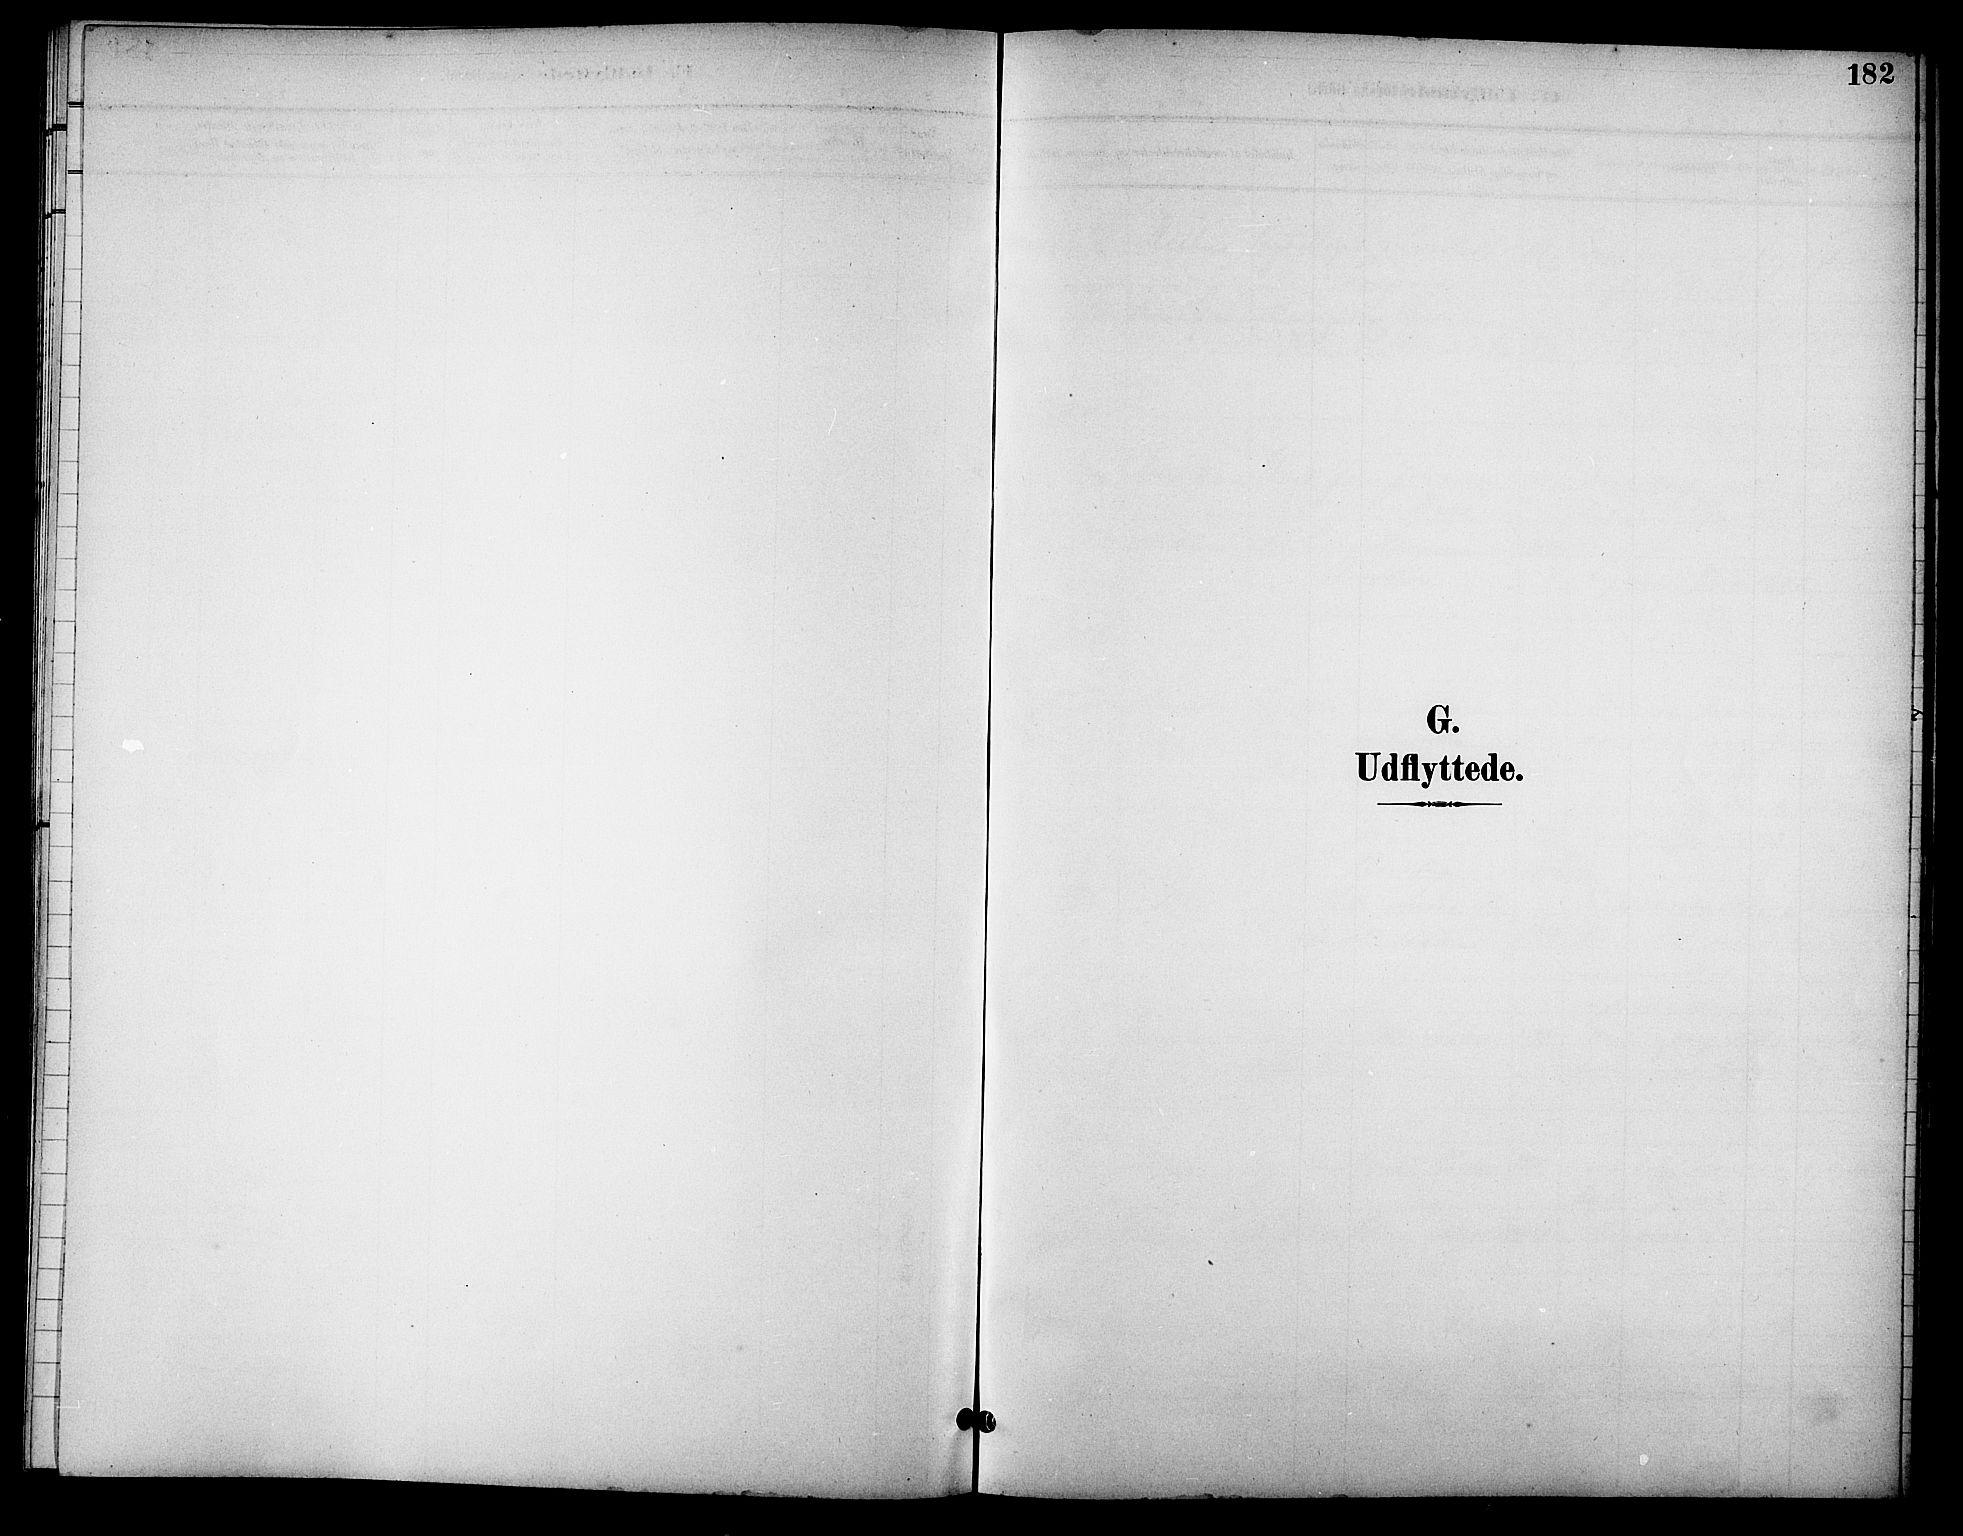 SAT, Ministerialprotokoller, klokkerbøker og fødselsregistre - Sør-Trøndelag, 621/L0460: Klokkerbok nr. 621C03, 1896-1914, s. 182